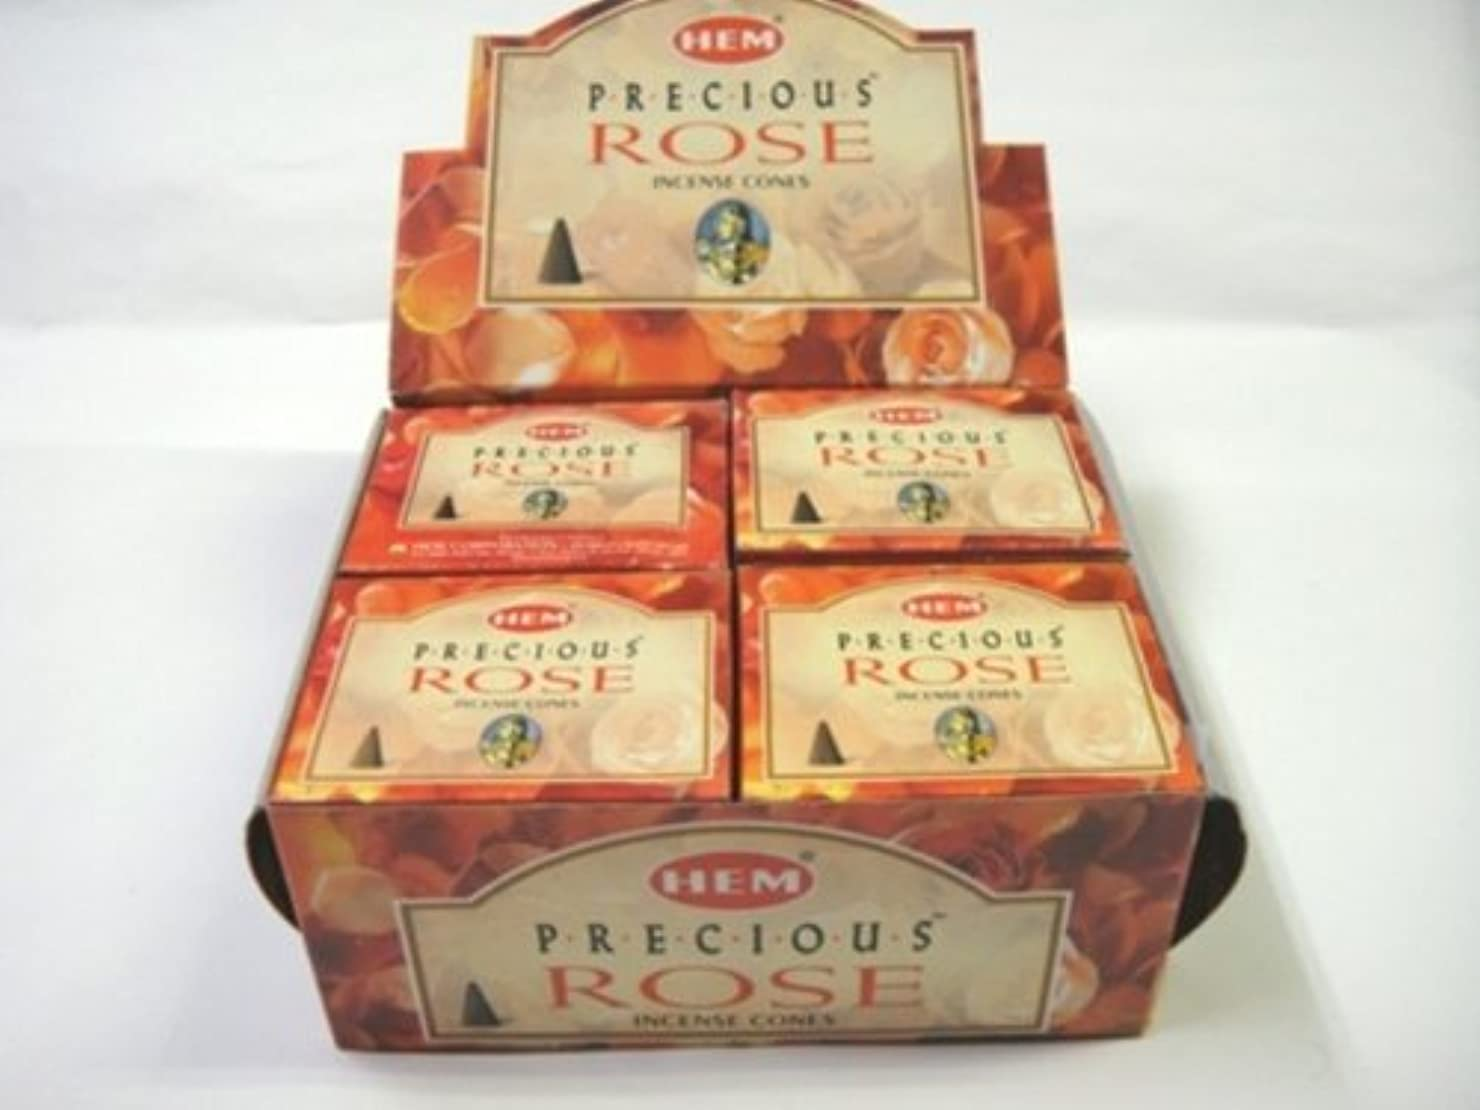 エレガント先入観不測の事態HEM お香 プレシャスローズ コーンタイプ 1ケース(12箱入り) お香薔薇